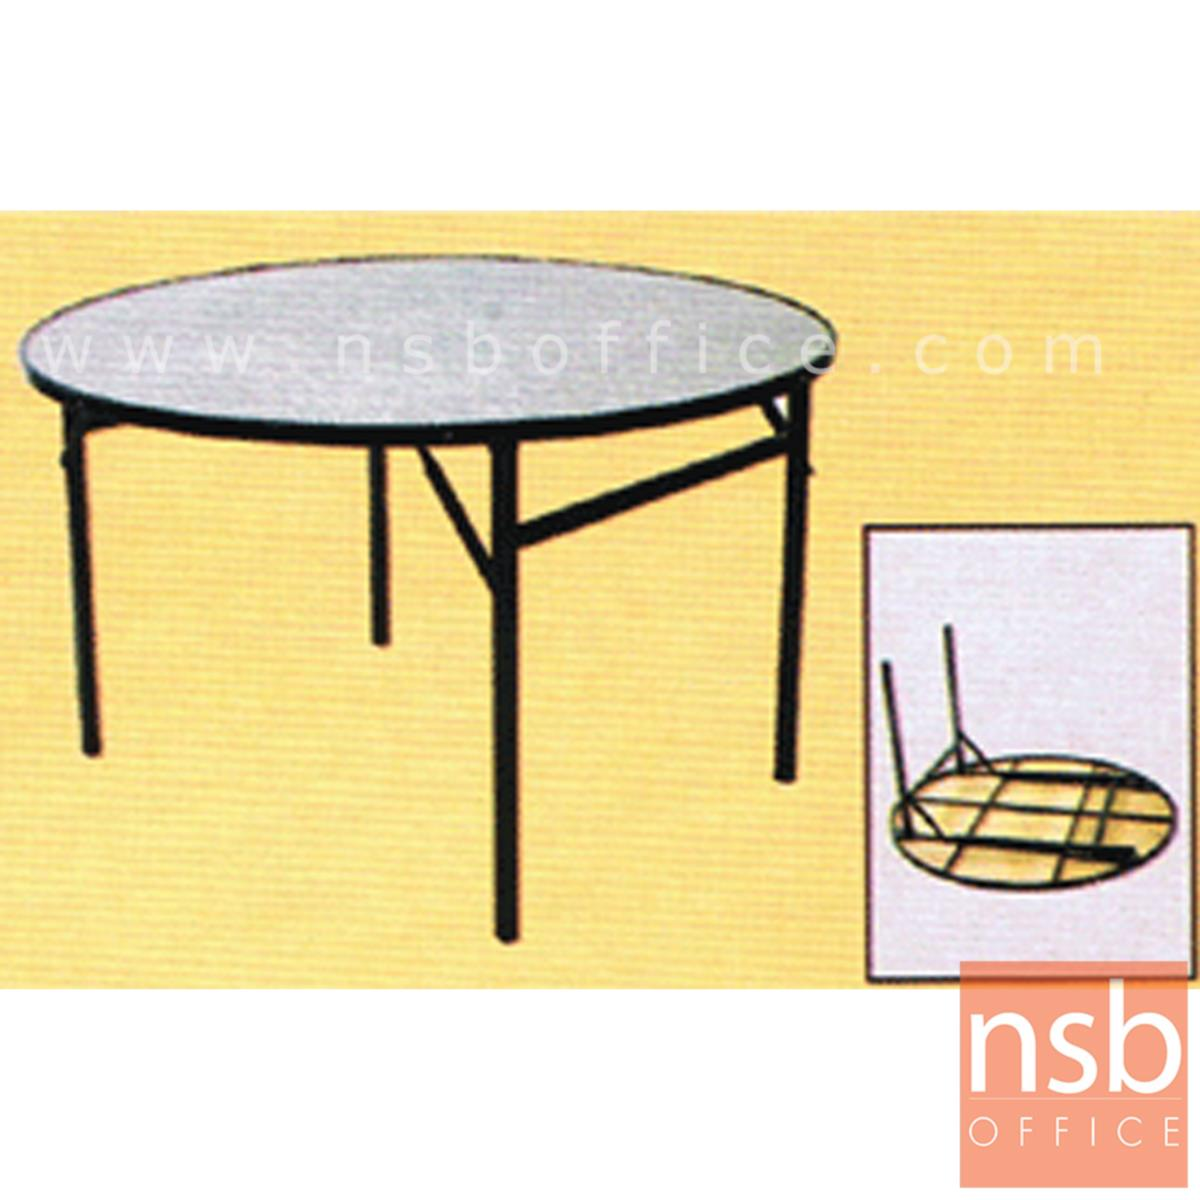 A08A005:โต๊ะพับหน้าไม้   ขนาด 121.5Di cm.  ขาซ่อน 4 ฟุต